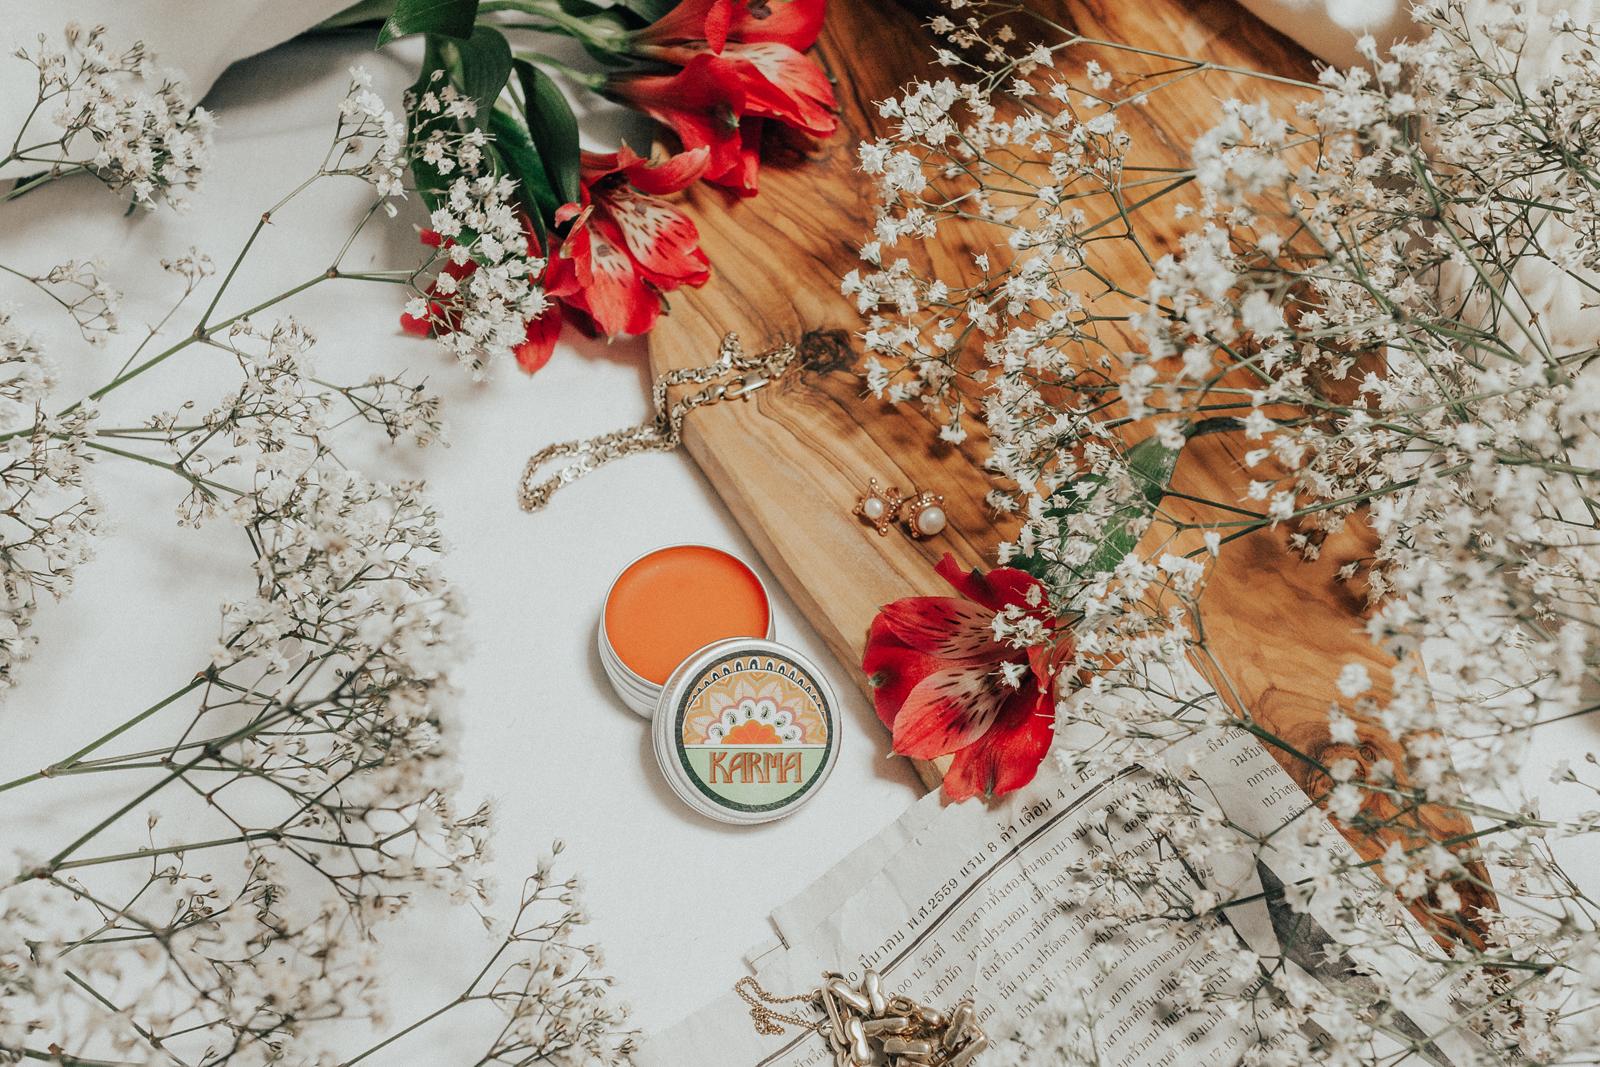 Lush Karma Solid Parfum vegan